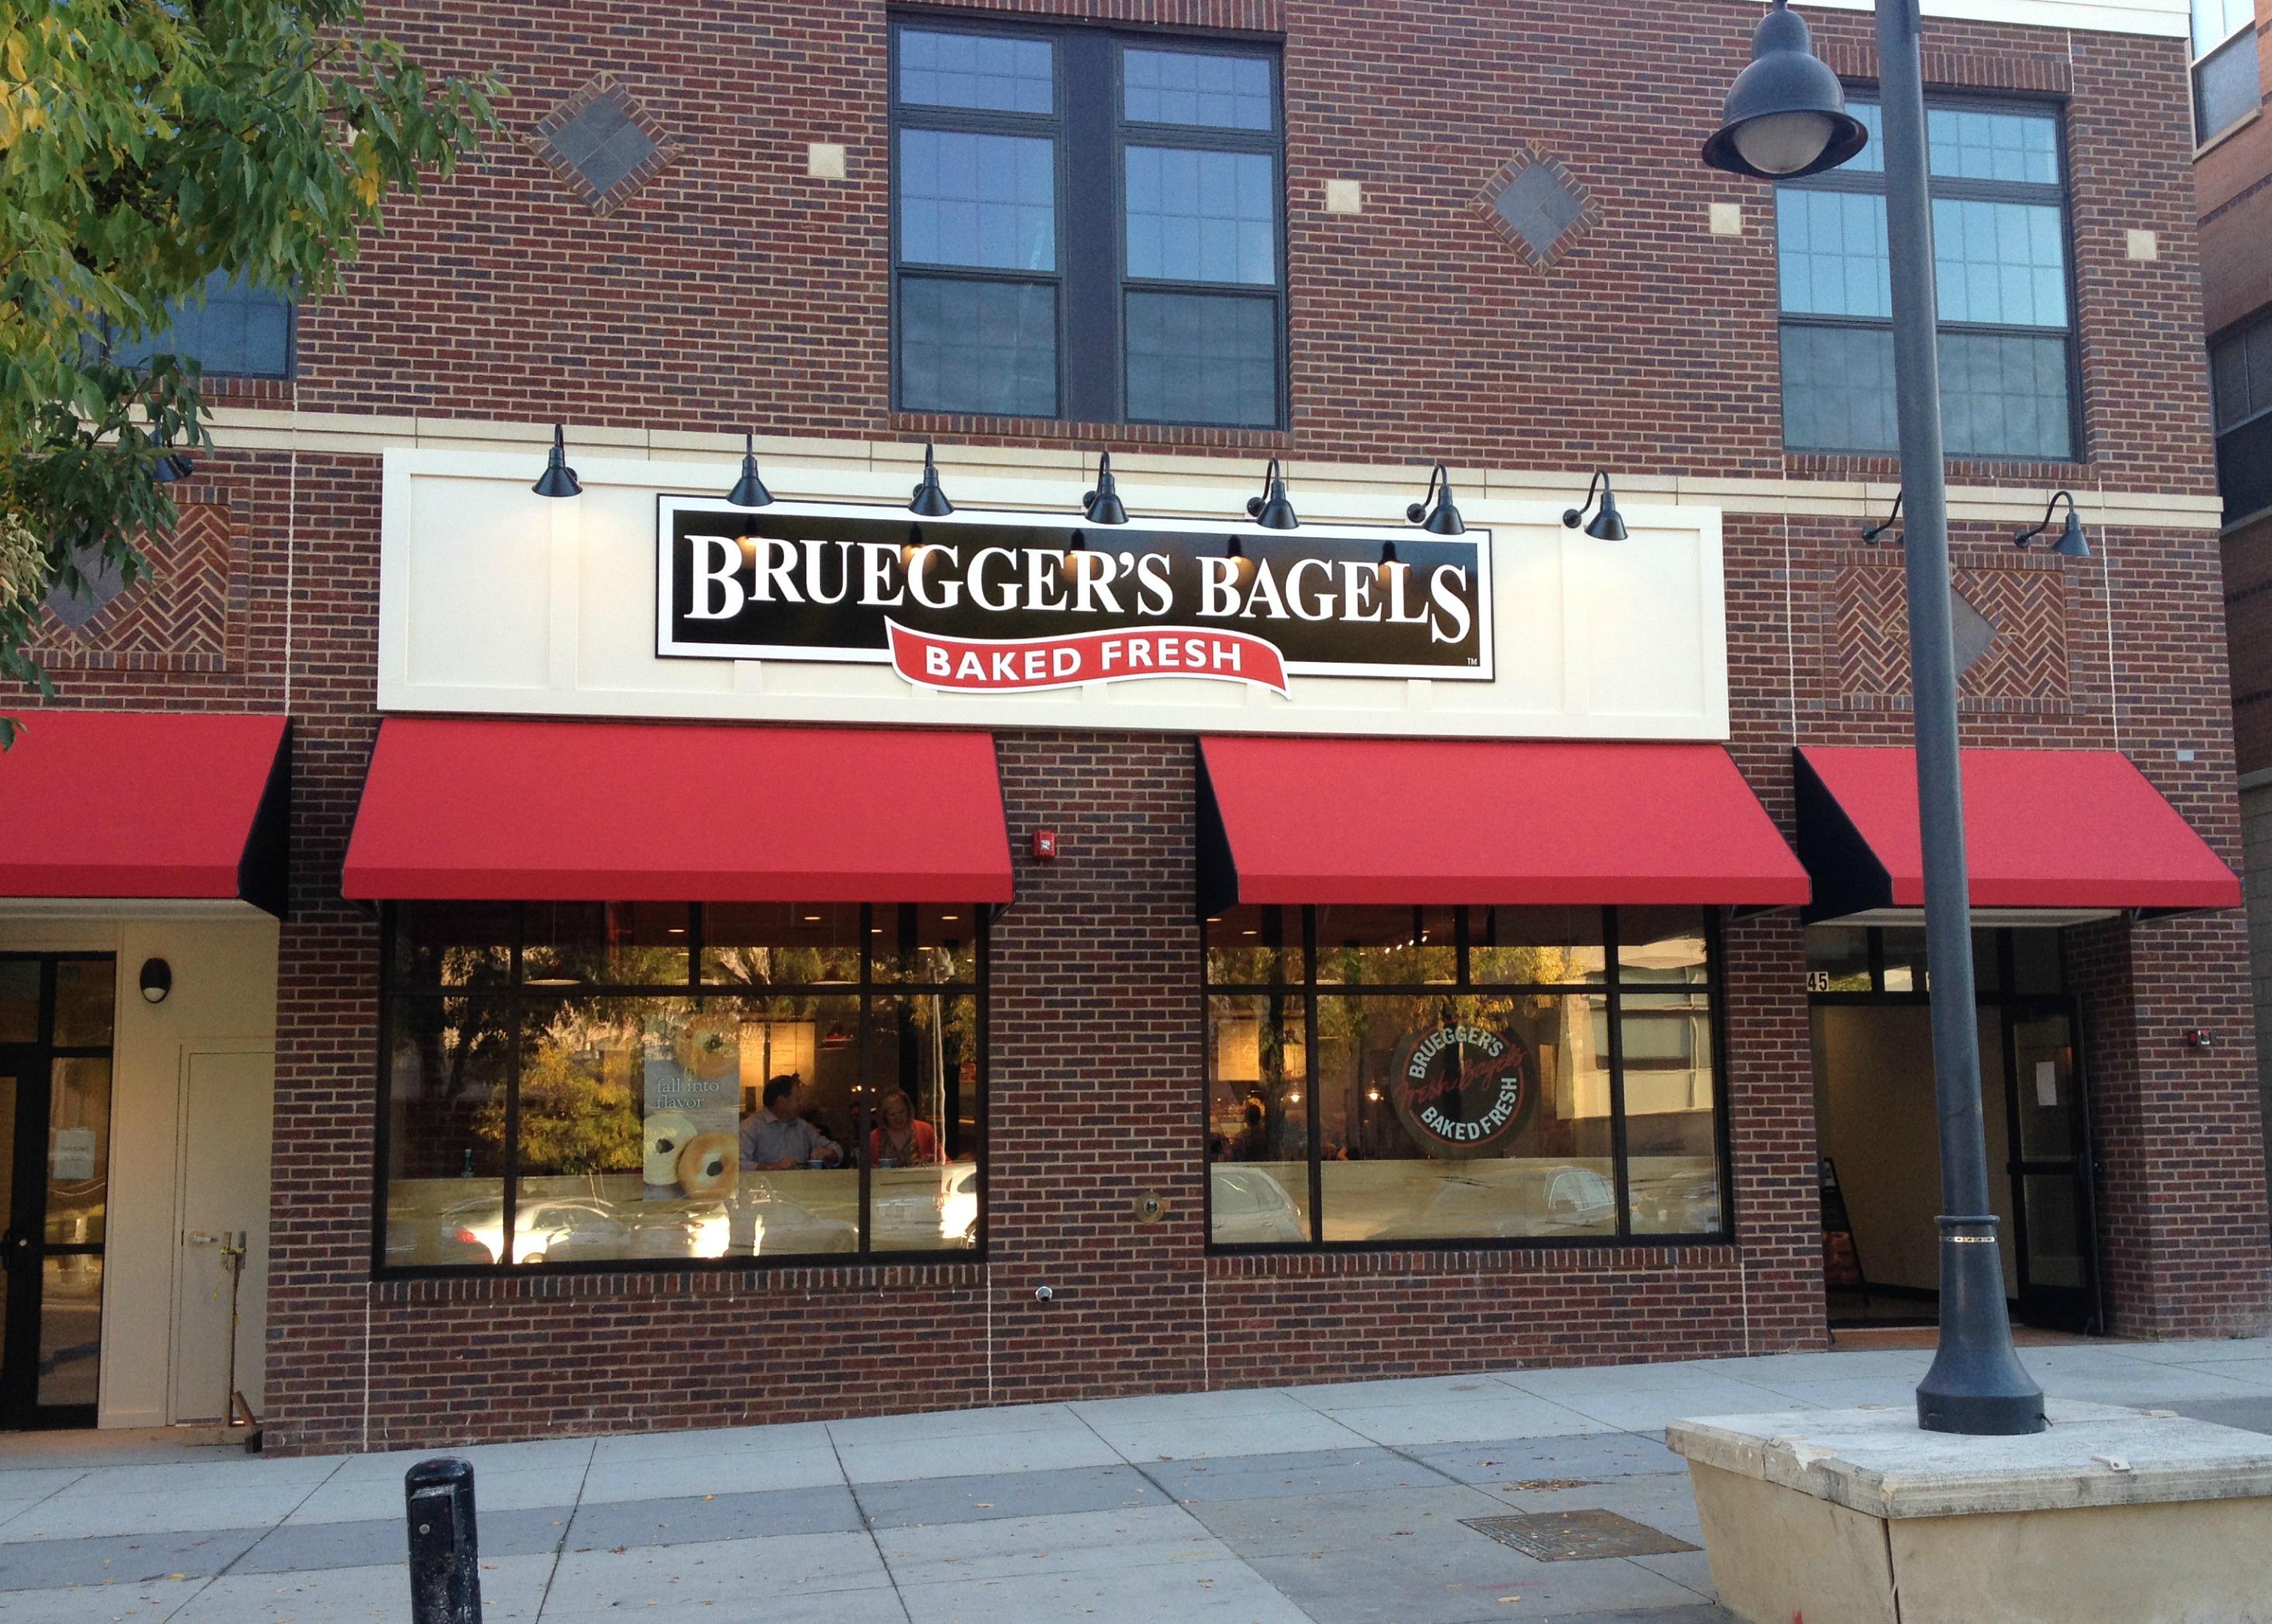 Bruegger's Bagels | Iowa City, IA